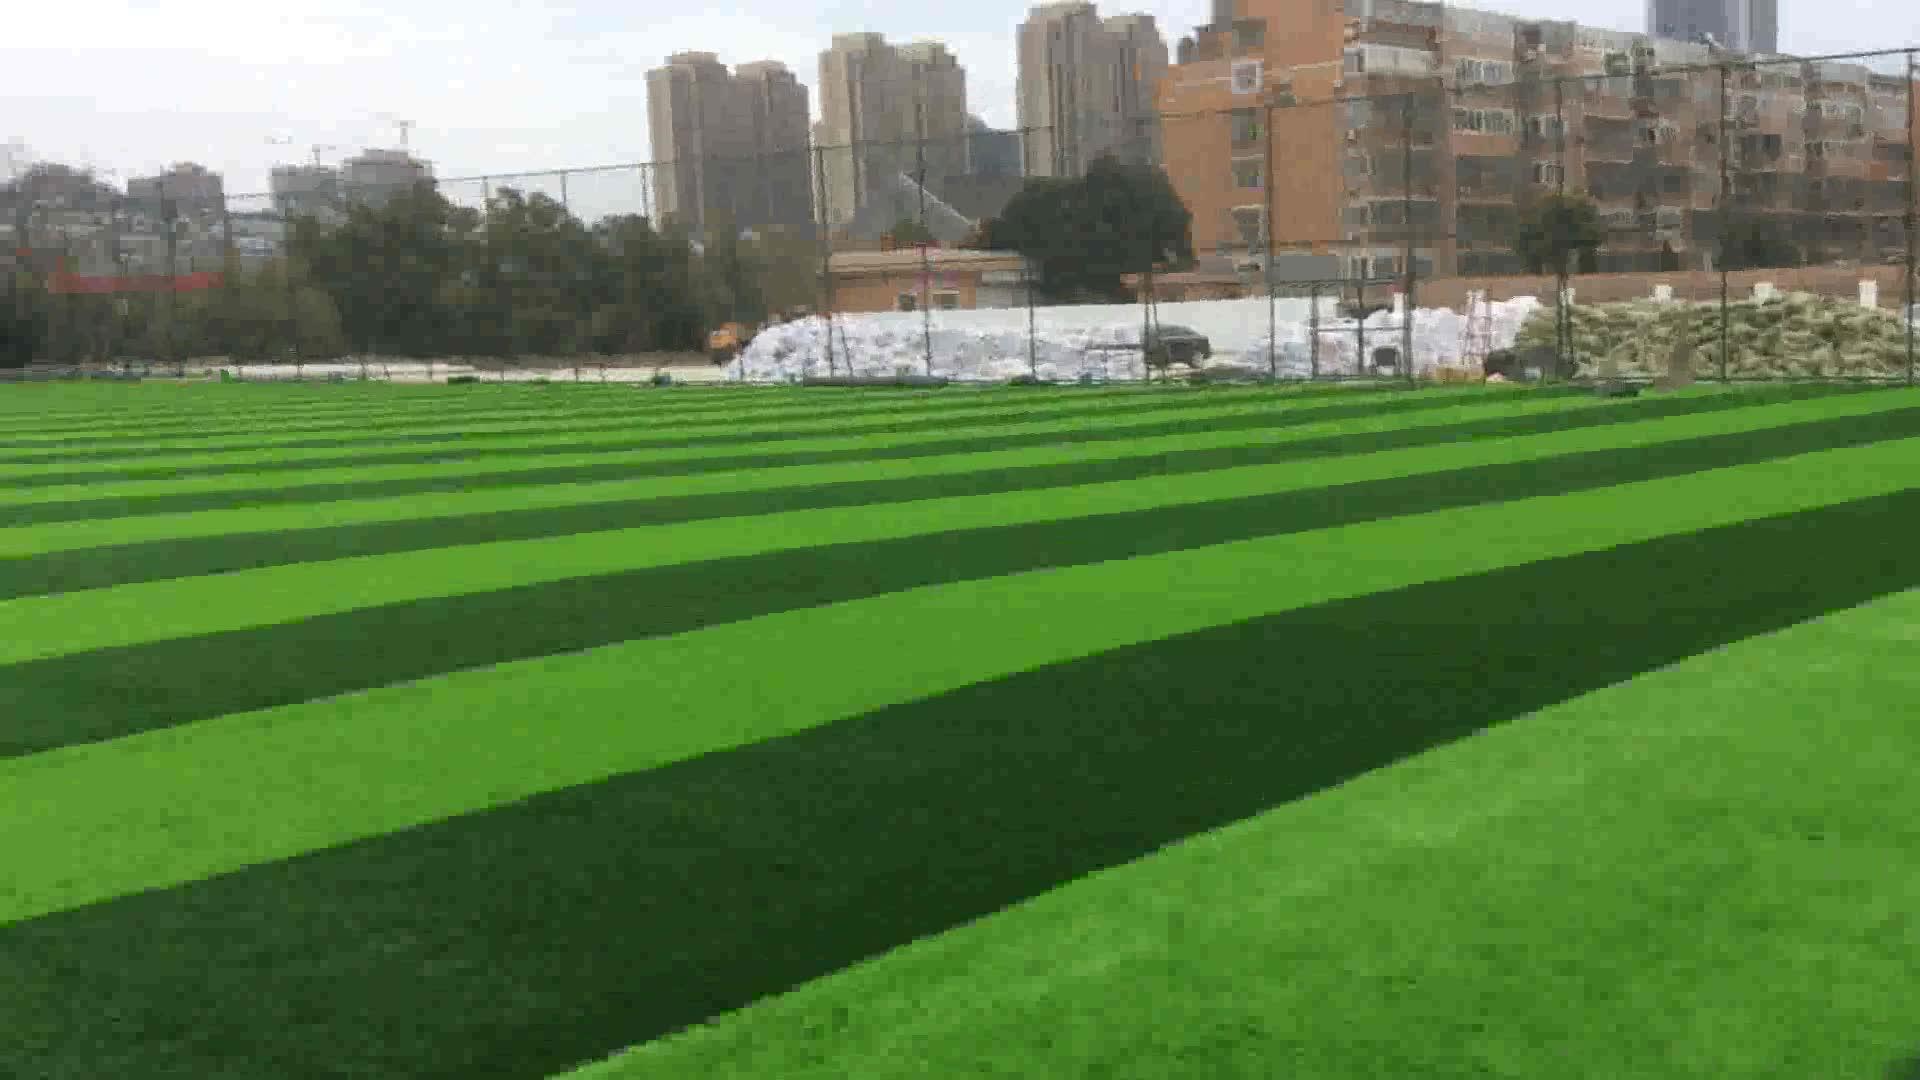 2019 Artificial football grass lawn